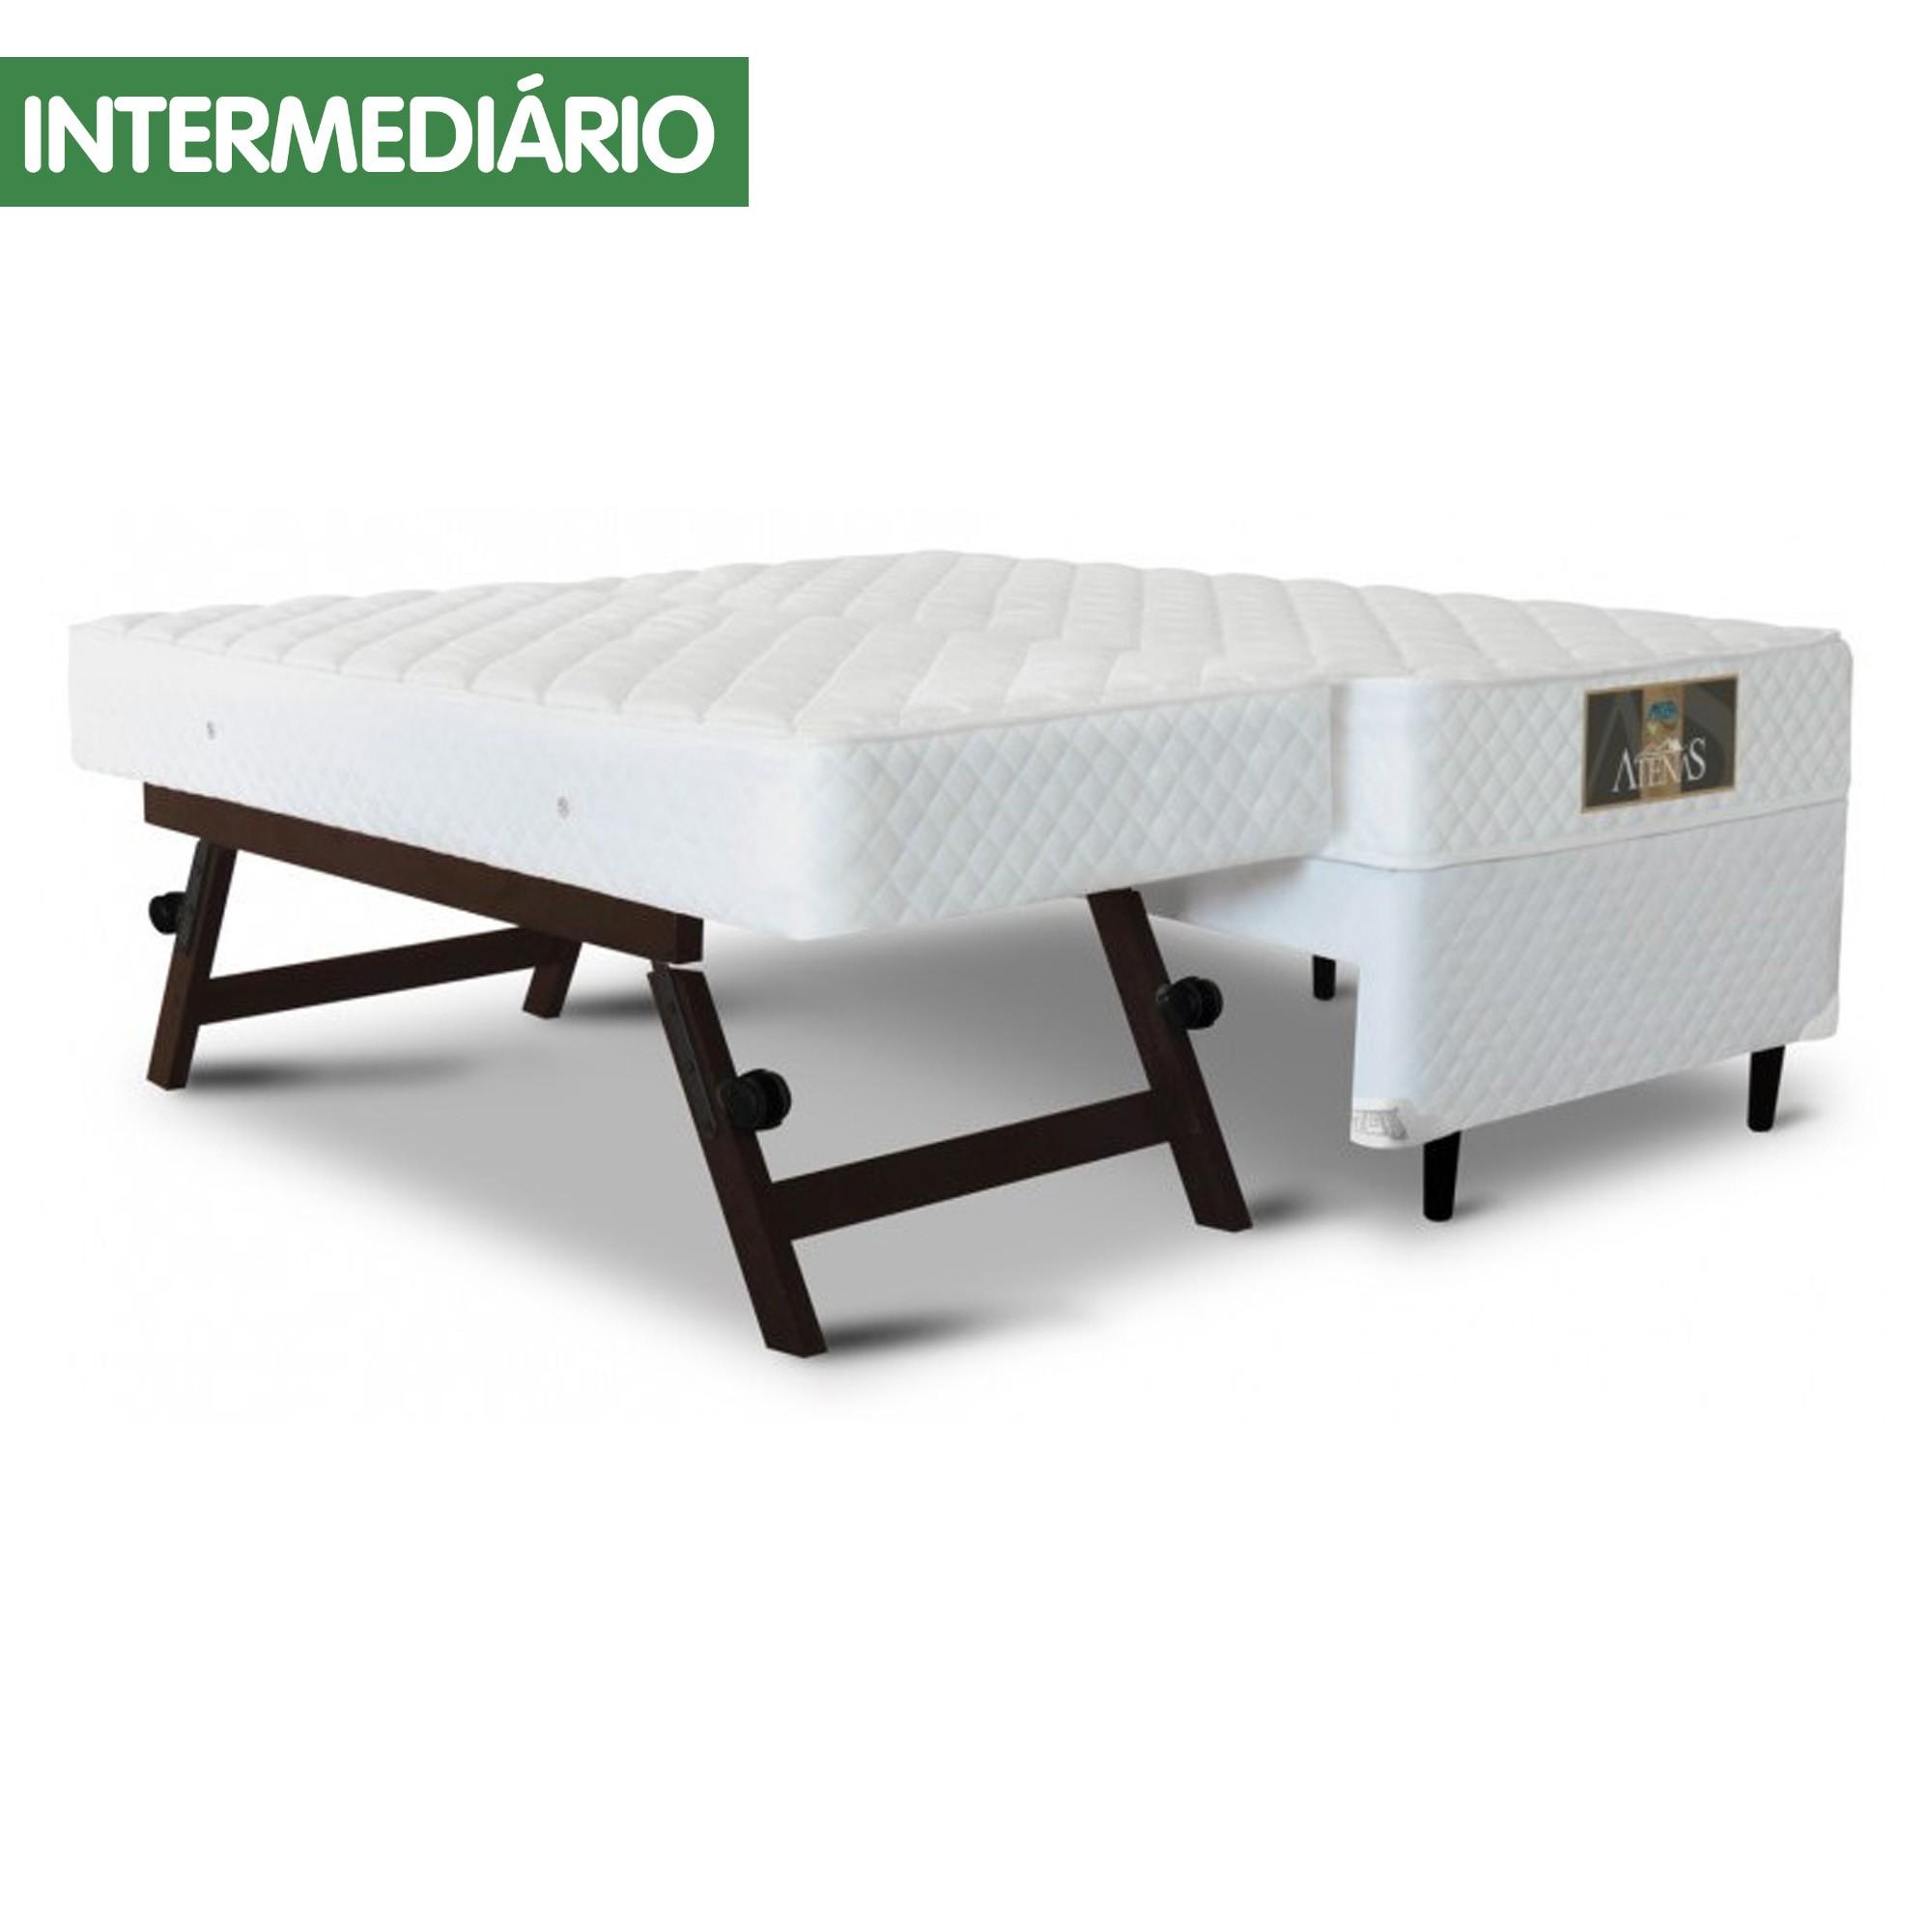 Conjunto Box Bicama Molejo Versátil com Colchão Atenas, MGA, Branca, Solteiro 078 x 188 cm